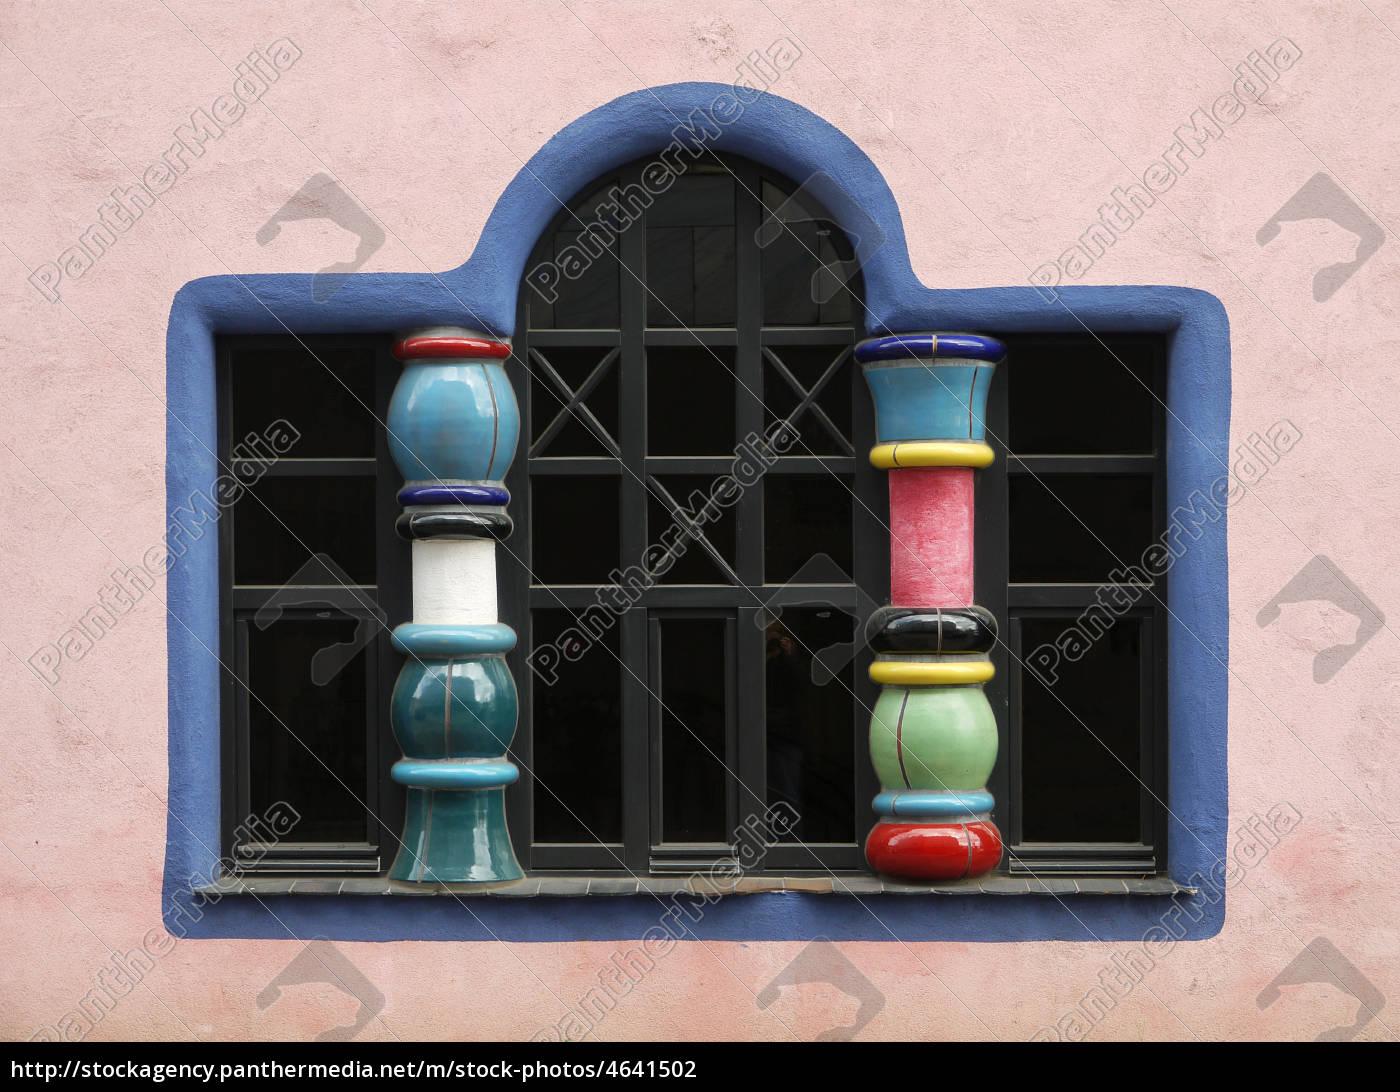 ventana - 4641502